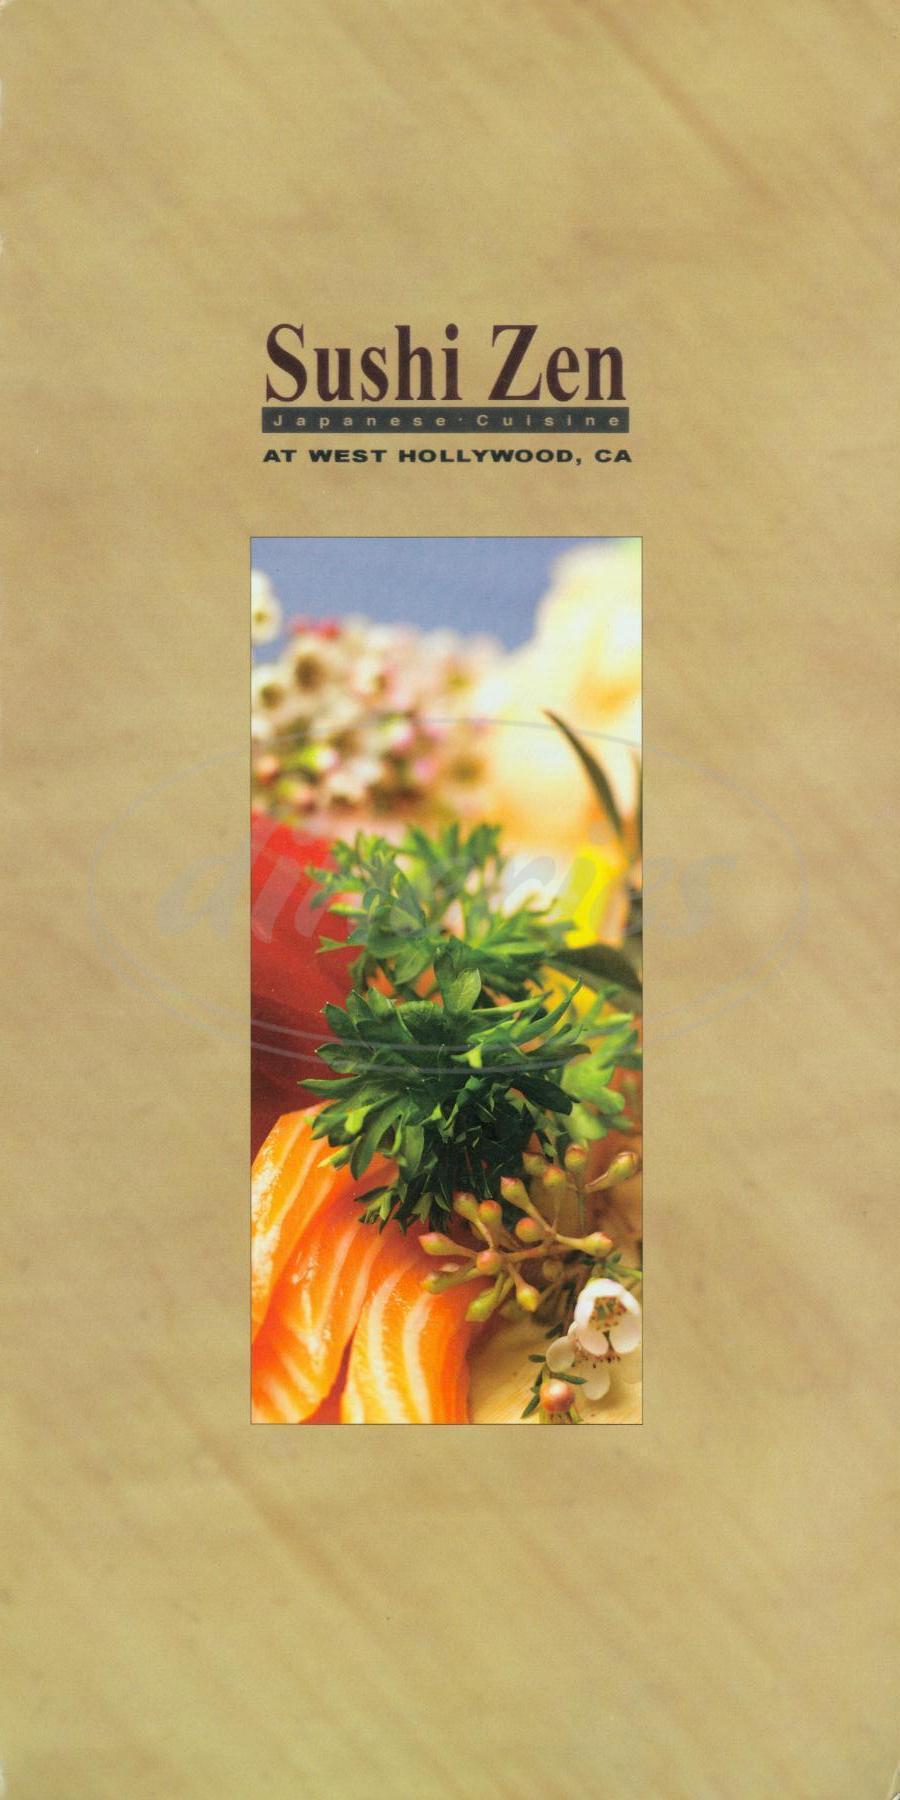 menu for Sushi Zen